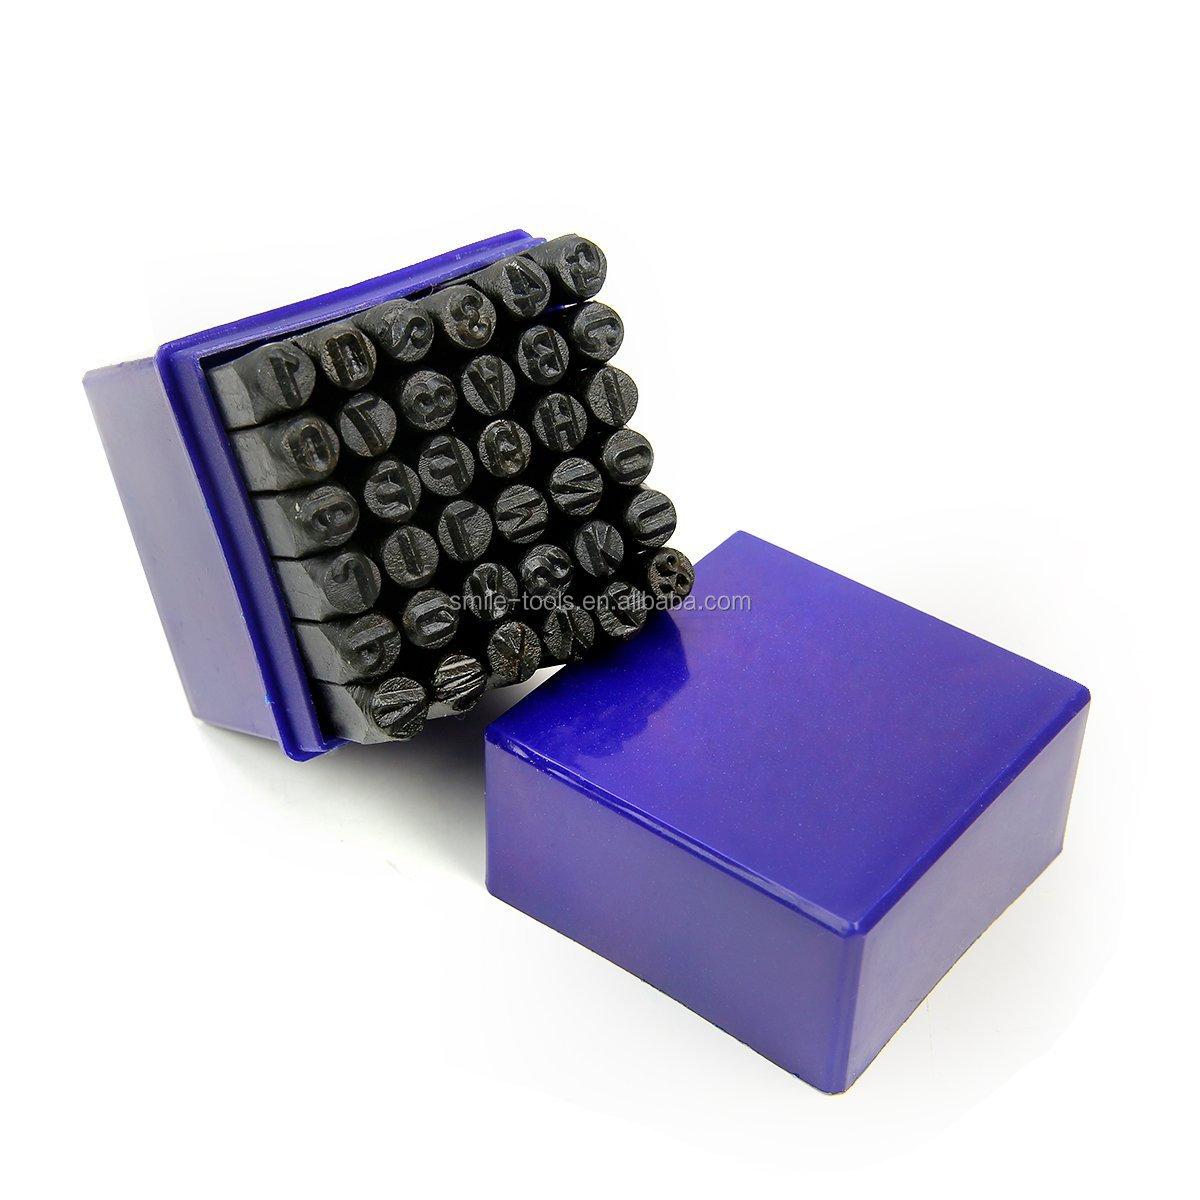 Smiletools वर्ण पत्र संख्या धातु घूंसे सेट हाथ पकड़ स्टाम्प सेट 4mm